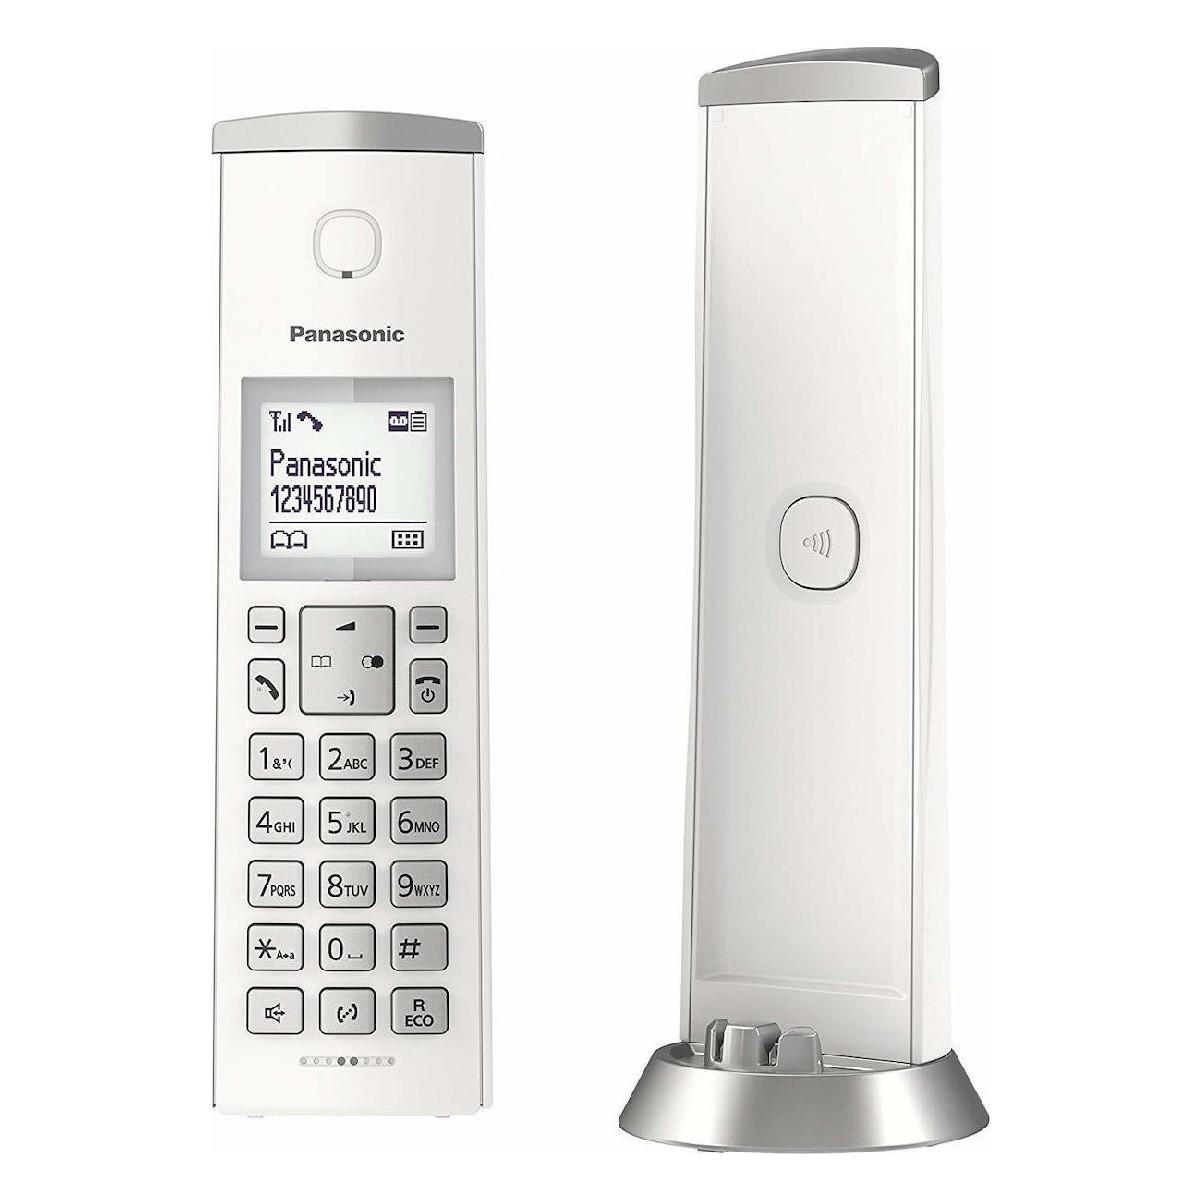 Ασύρματο Ψηφιακό Τηλέφωνο Panasonic KX-TGK210GRW Λευκό Φραγή ενοχλητικών Κλήσεων και Λειτουργία Eco